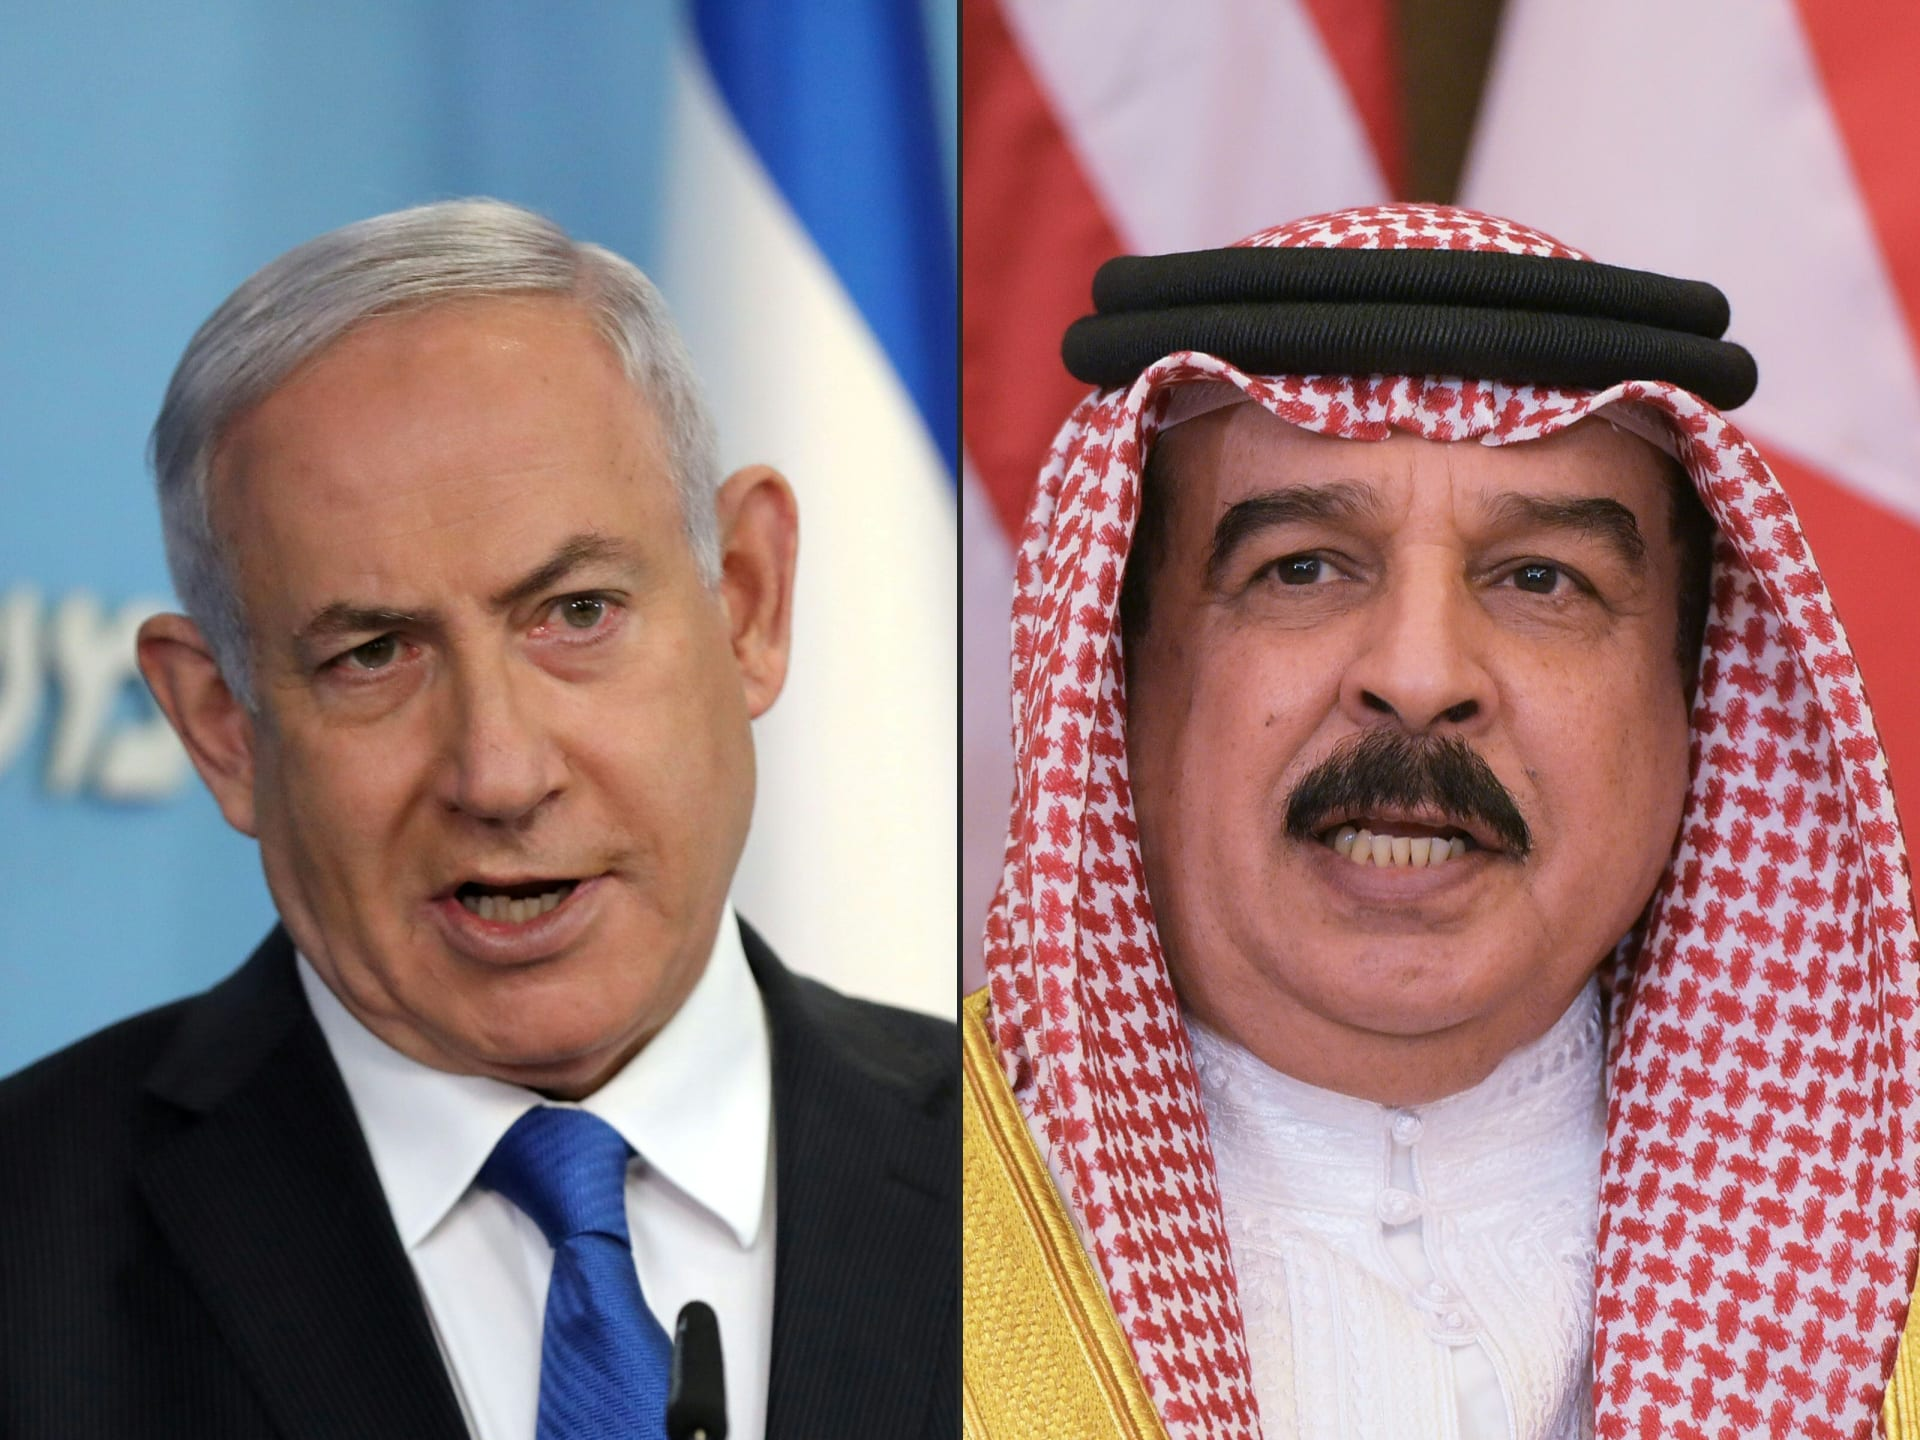 لها شق اقتصادي.. وزير داخلية البحرين يكشف أسباب التوصل لاتفاق سلام مع إسرائيل